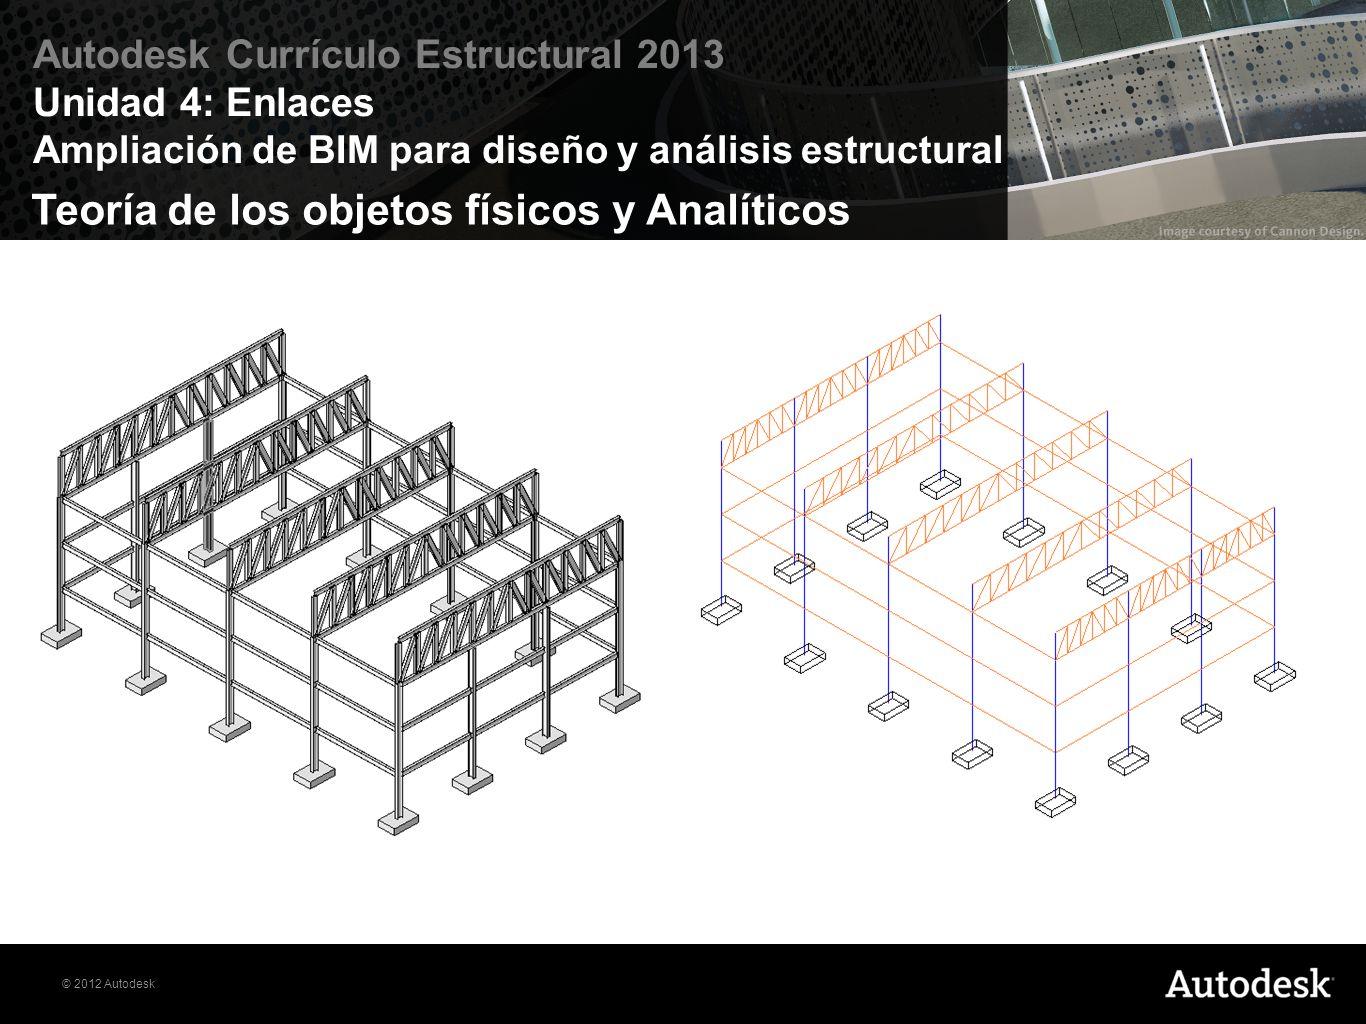 © 2012 Autodesk Autodesk Currículo Estructural 2013 Unidad 4: Enlaces Ampliación de BIM para diseño y análisis estructural Teoría de los objetos físicos y Analíticos